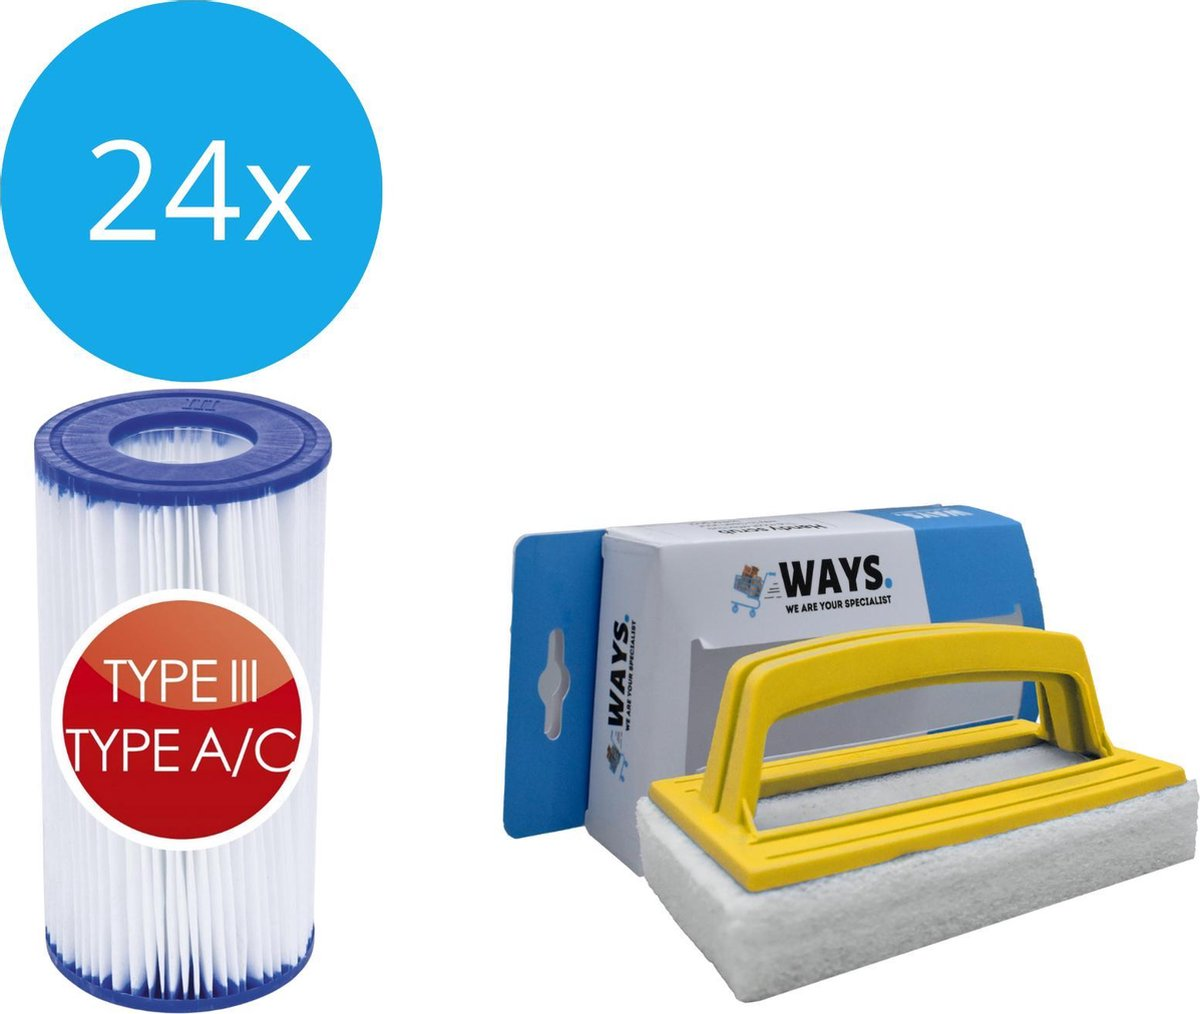 Bestway - Type III filters geschikt voor filterpomp 58389 - 24 stuks & WAYS scrubborstel